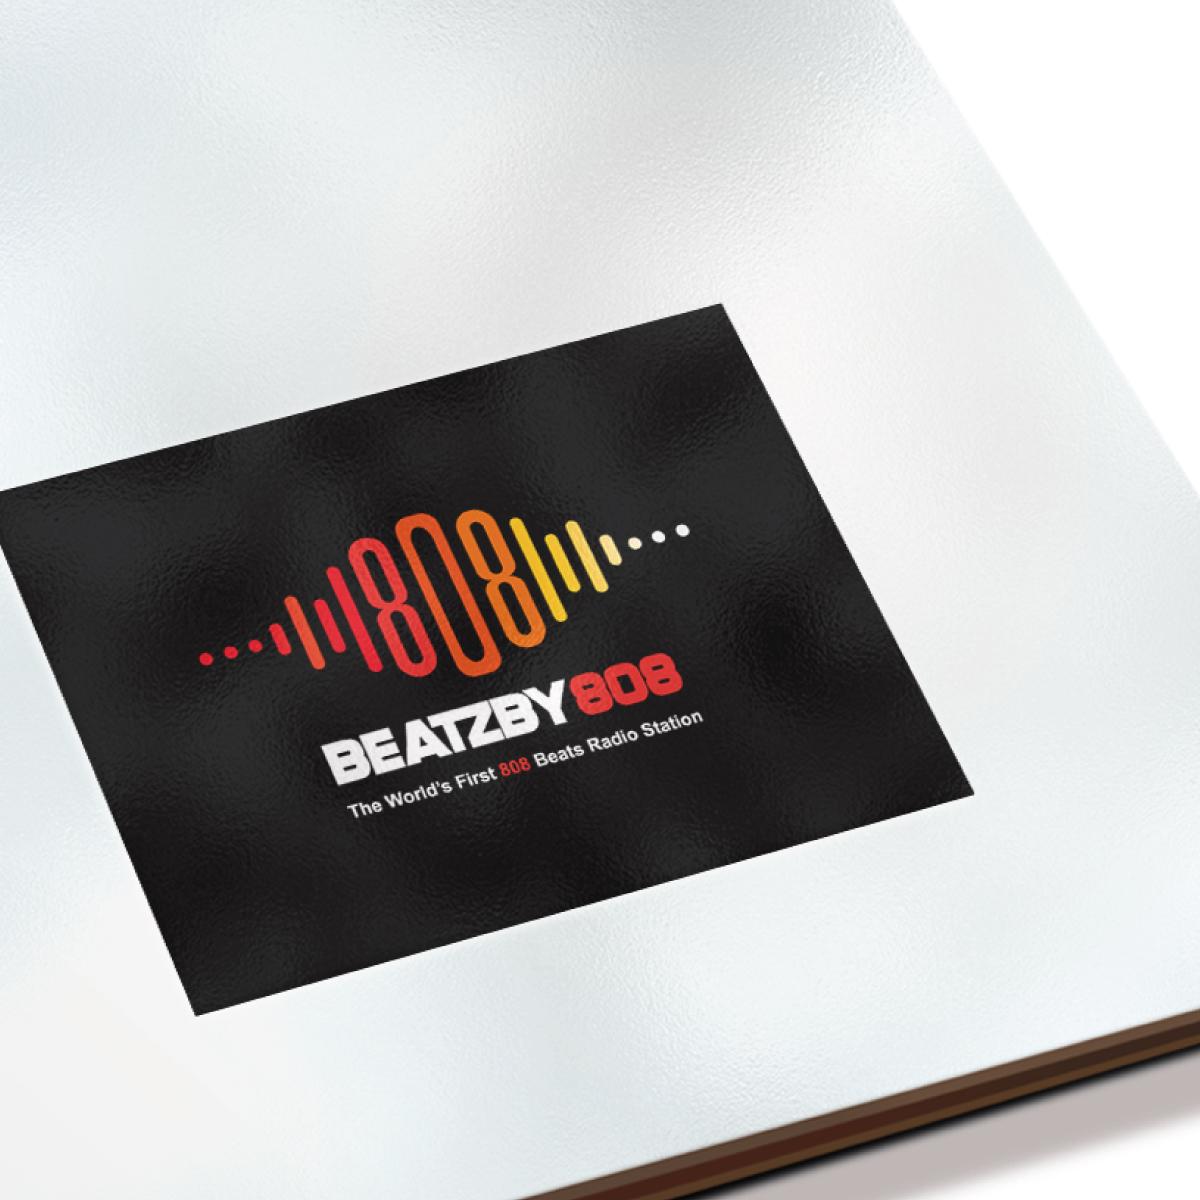 Logo design for Beatzby808 online radio station